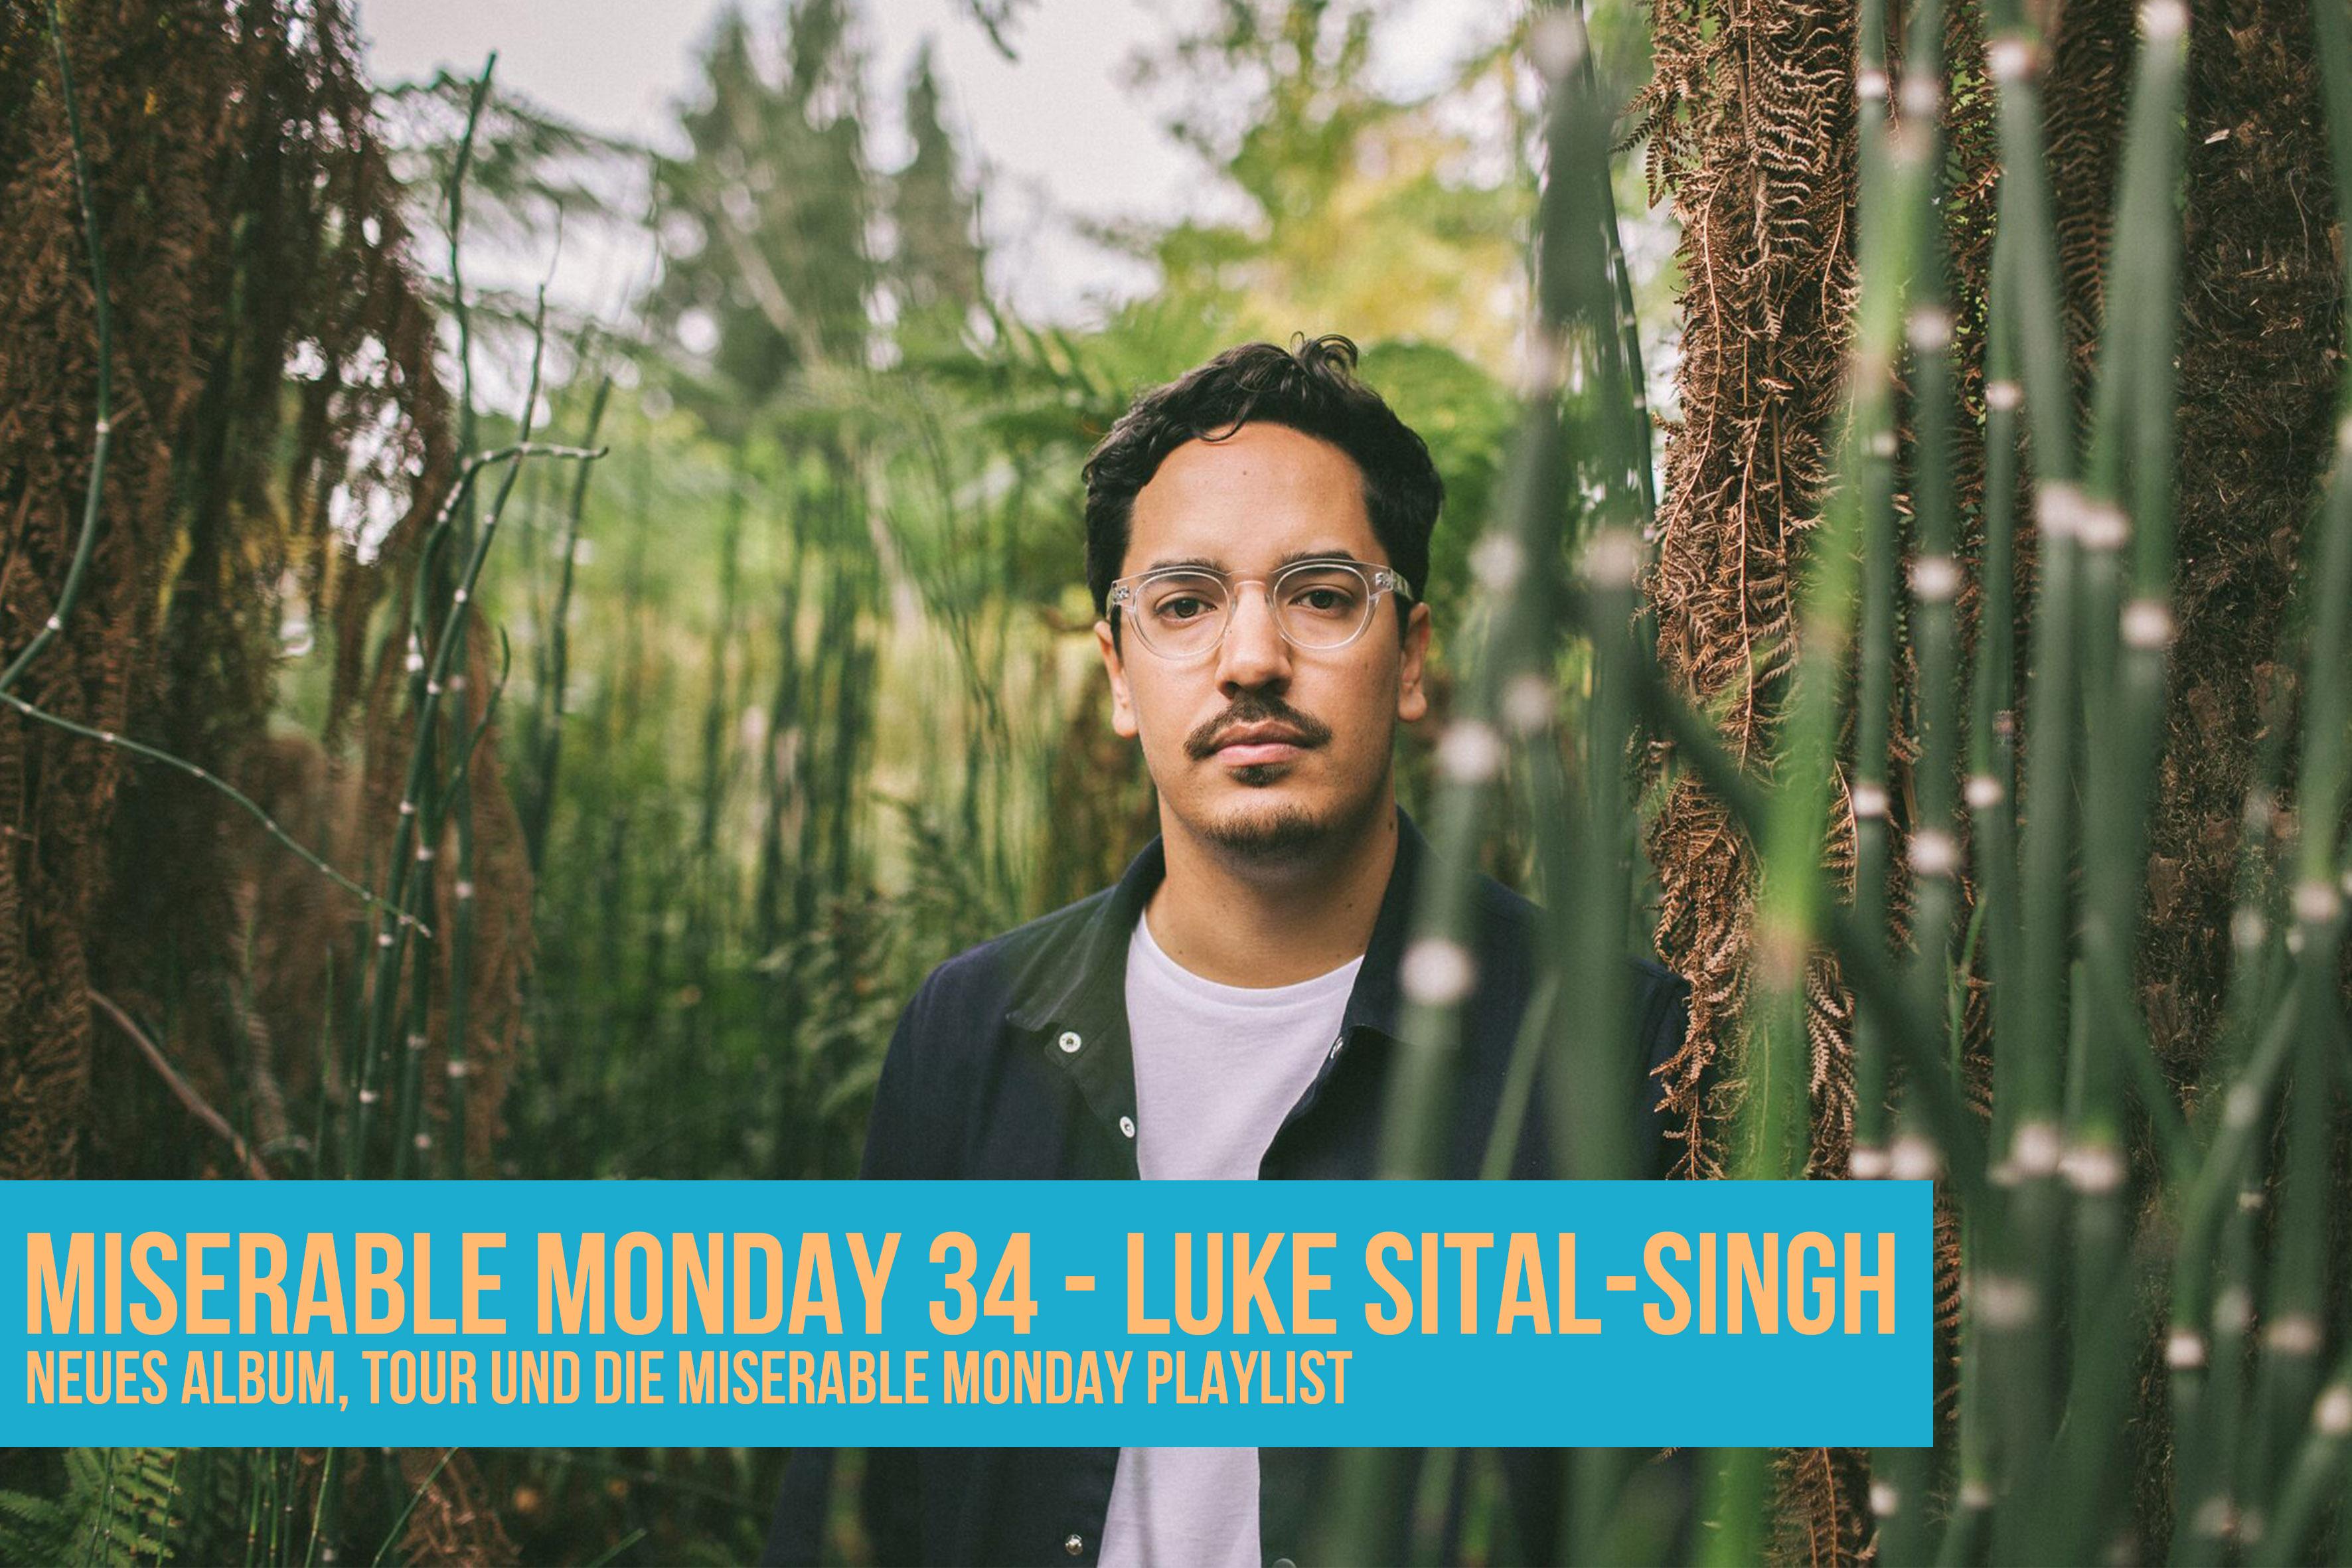 034 - Luke Sital-Singh